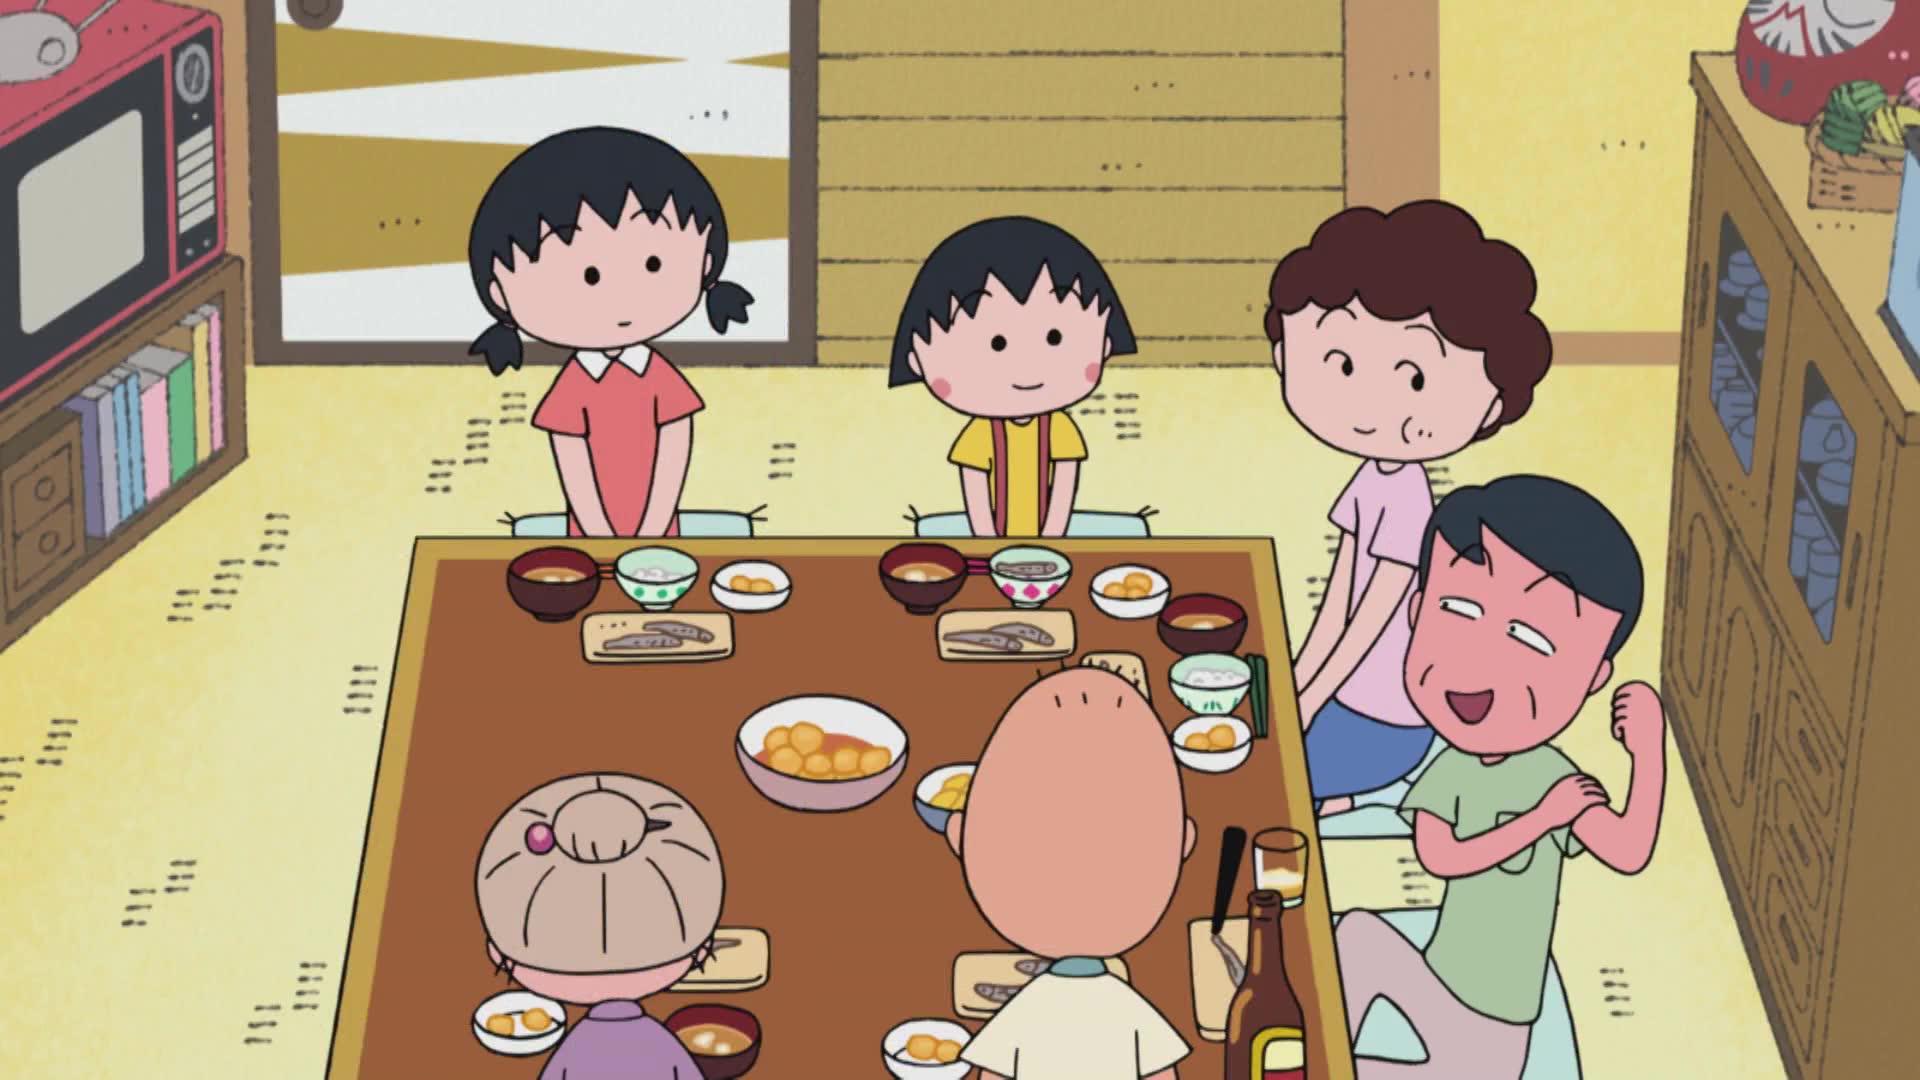 29화 마루코, 보양식을 먹고 싶어!